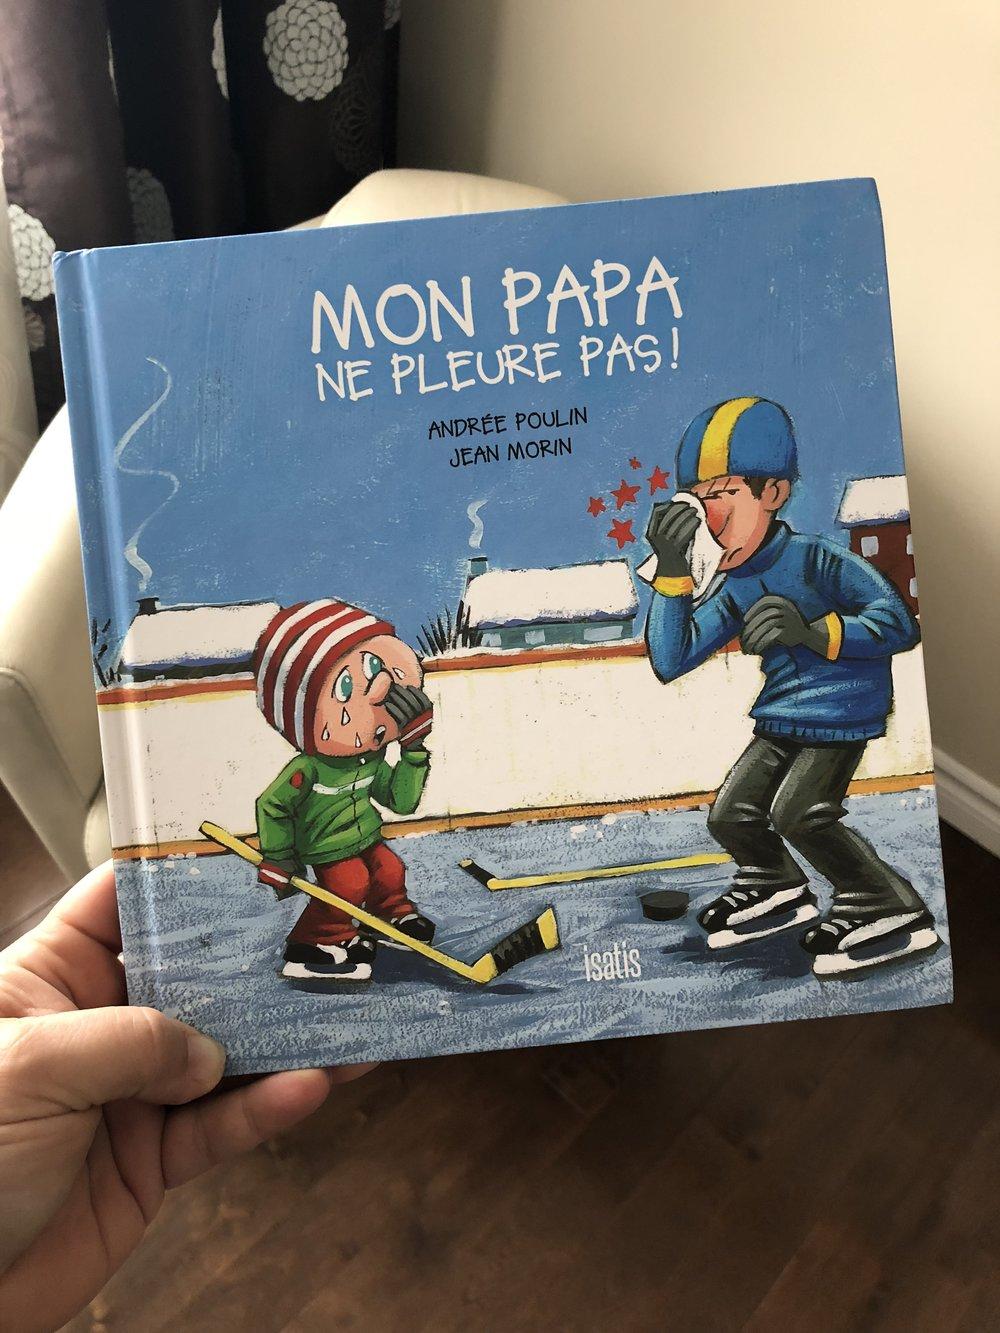 littérature-réflexion-lecture-collection Tourne Pierre-éditions Isatis-albums jeunesse-suggestions de livres-Je suis une maman